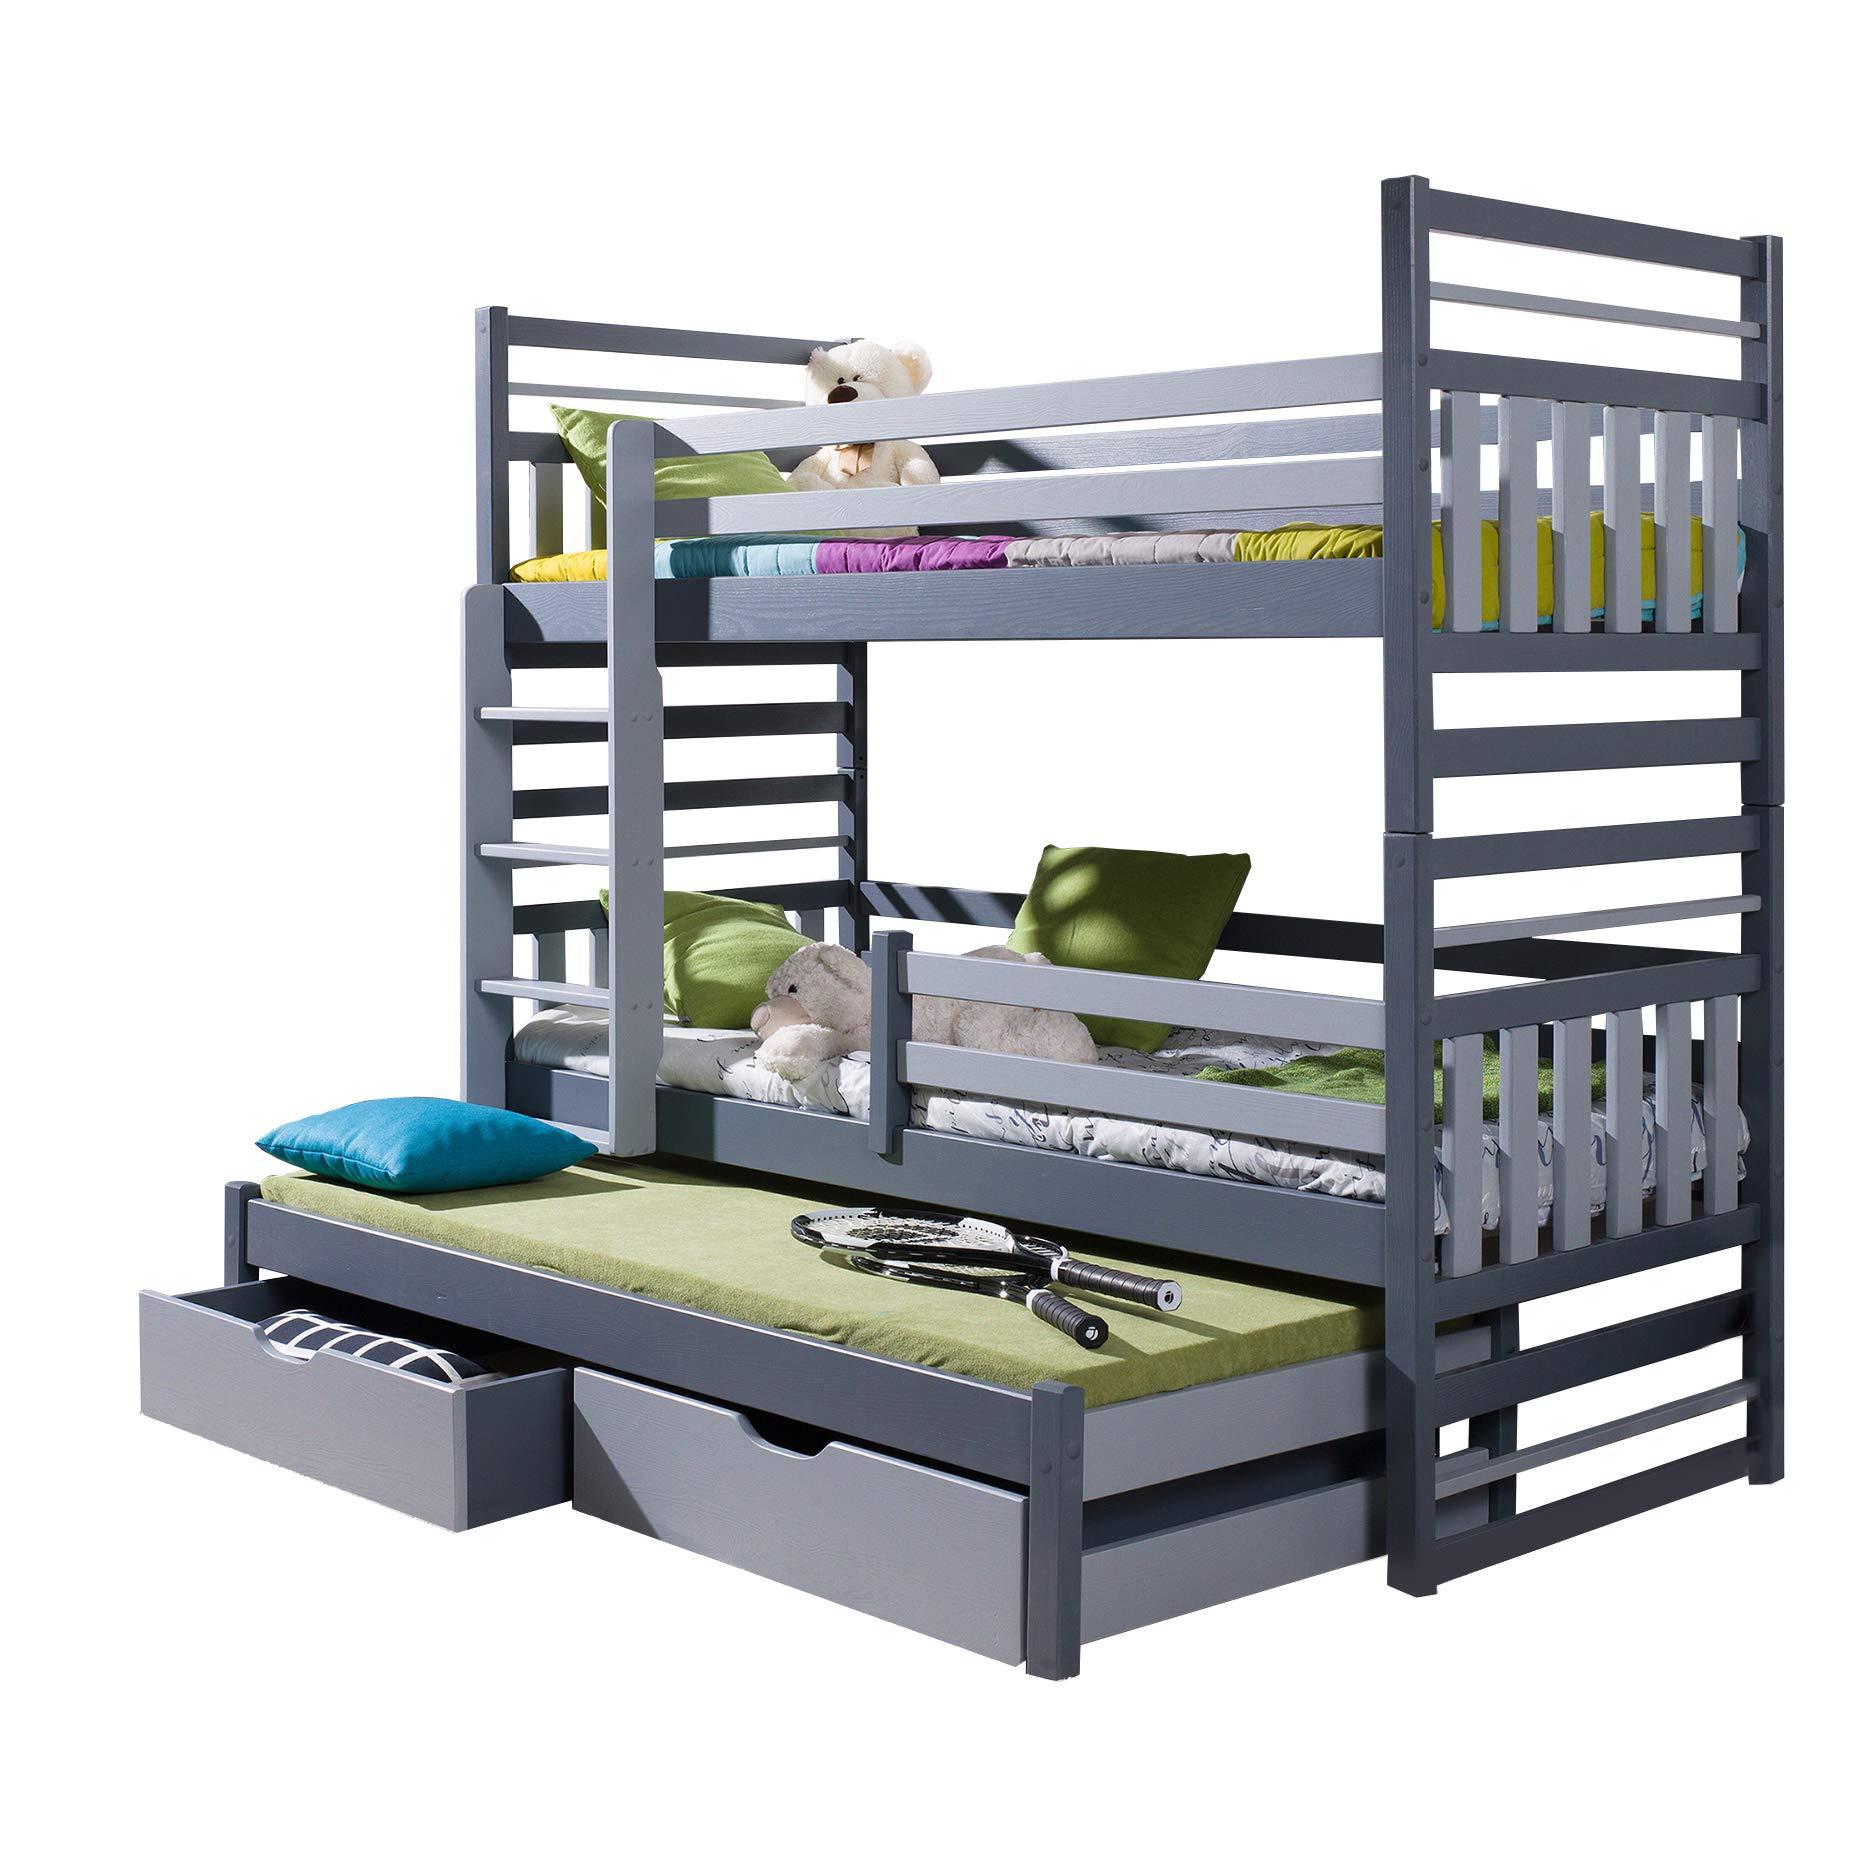 Litera Triple Hippo Moderna Cama Nido Alta con cajones y Escalera de Madera de Pino para 3 niños, Izquierdo, Shorter Size: Amazon.es: Hogar